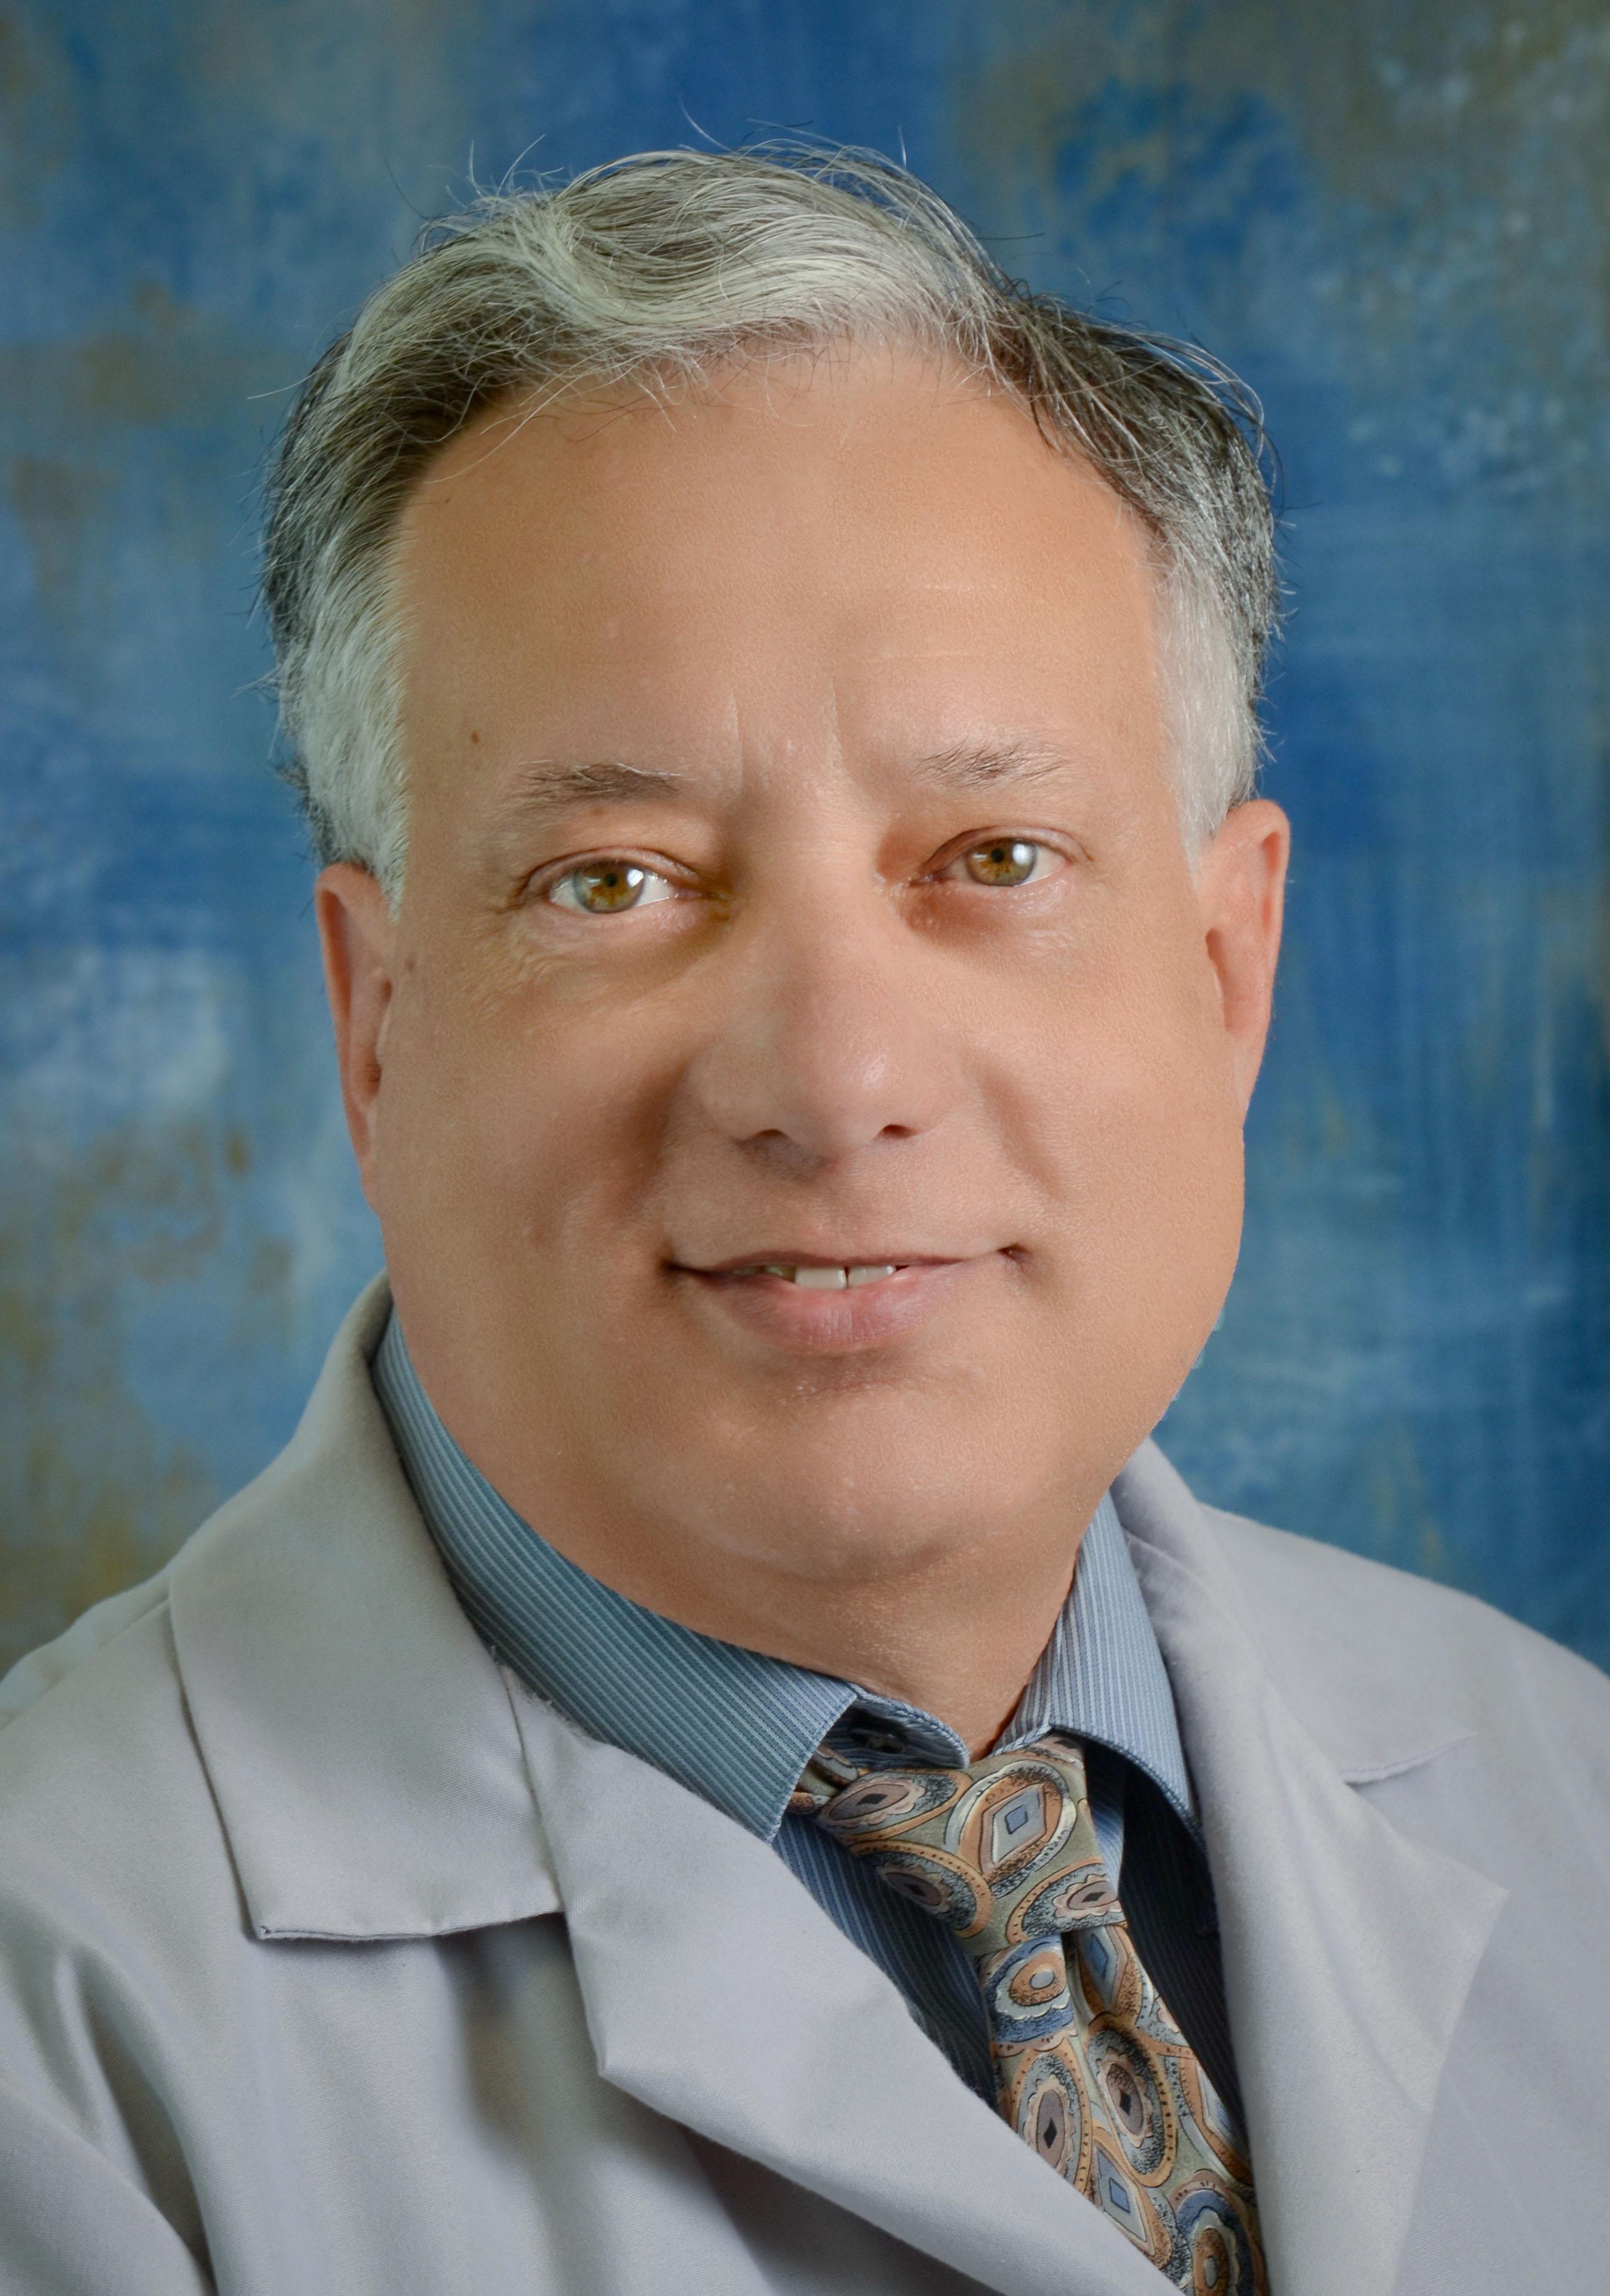 Warren W. Piette, MD